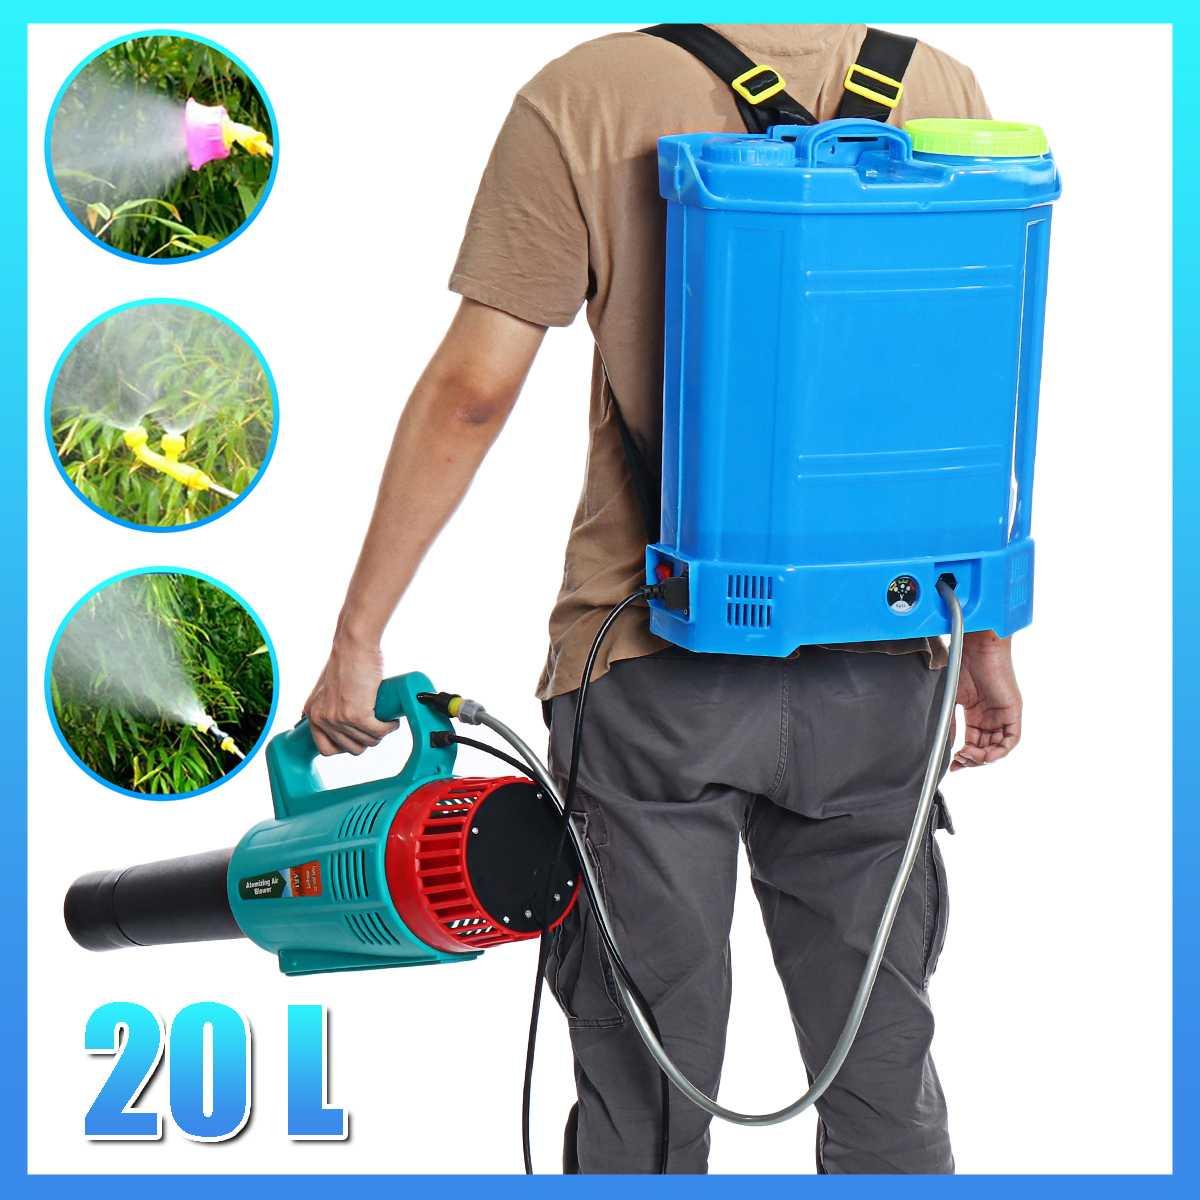 معدات رش المبيدات الزراعية حقيبة ظهر ذكية للحديقة حقيبة بخاخ 20 لتر بطارية 12 فولت 220 فولت كهربائية ULV فوجر